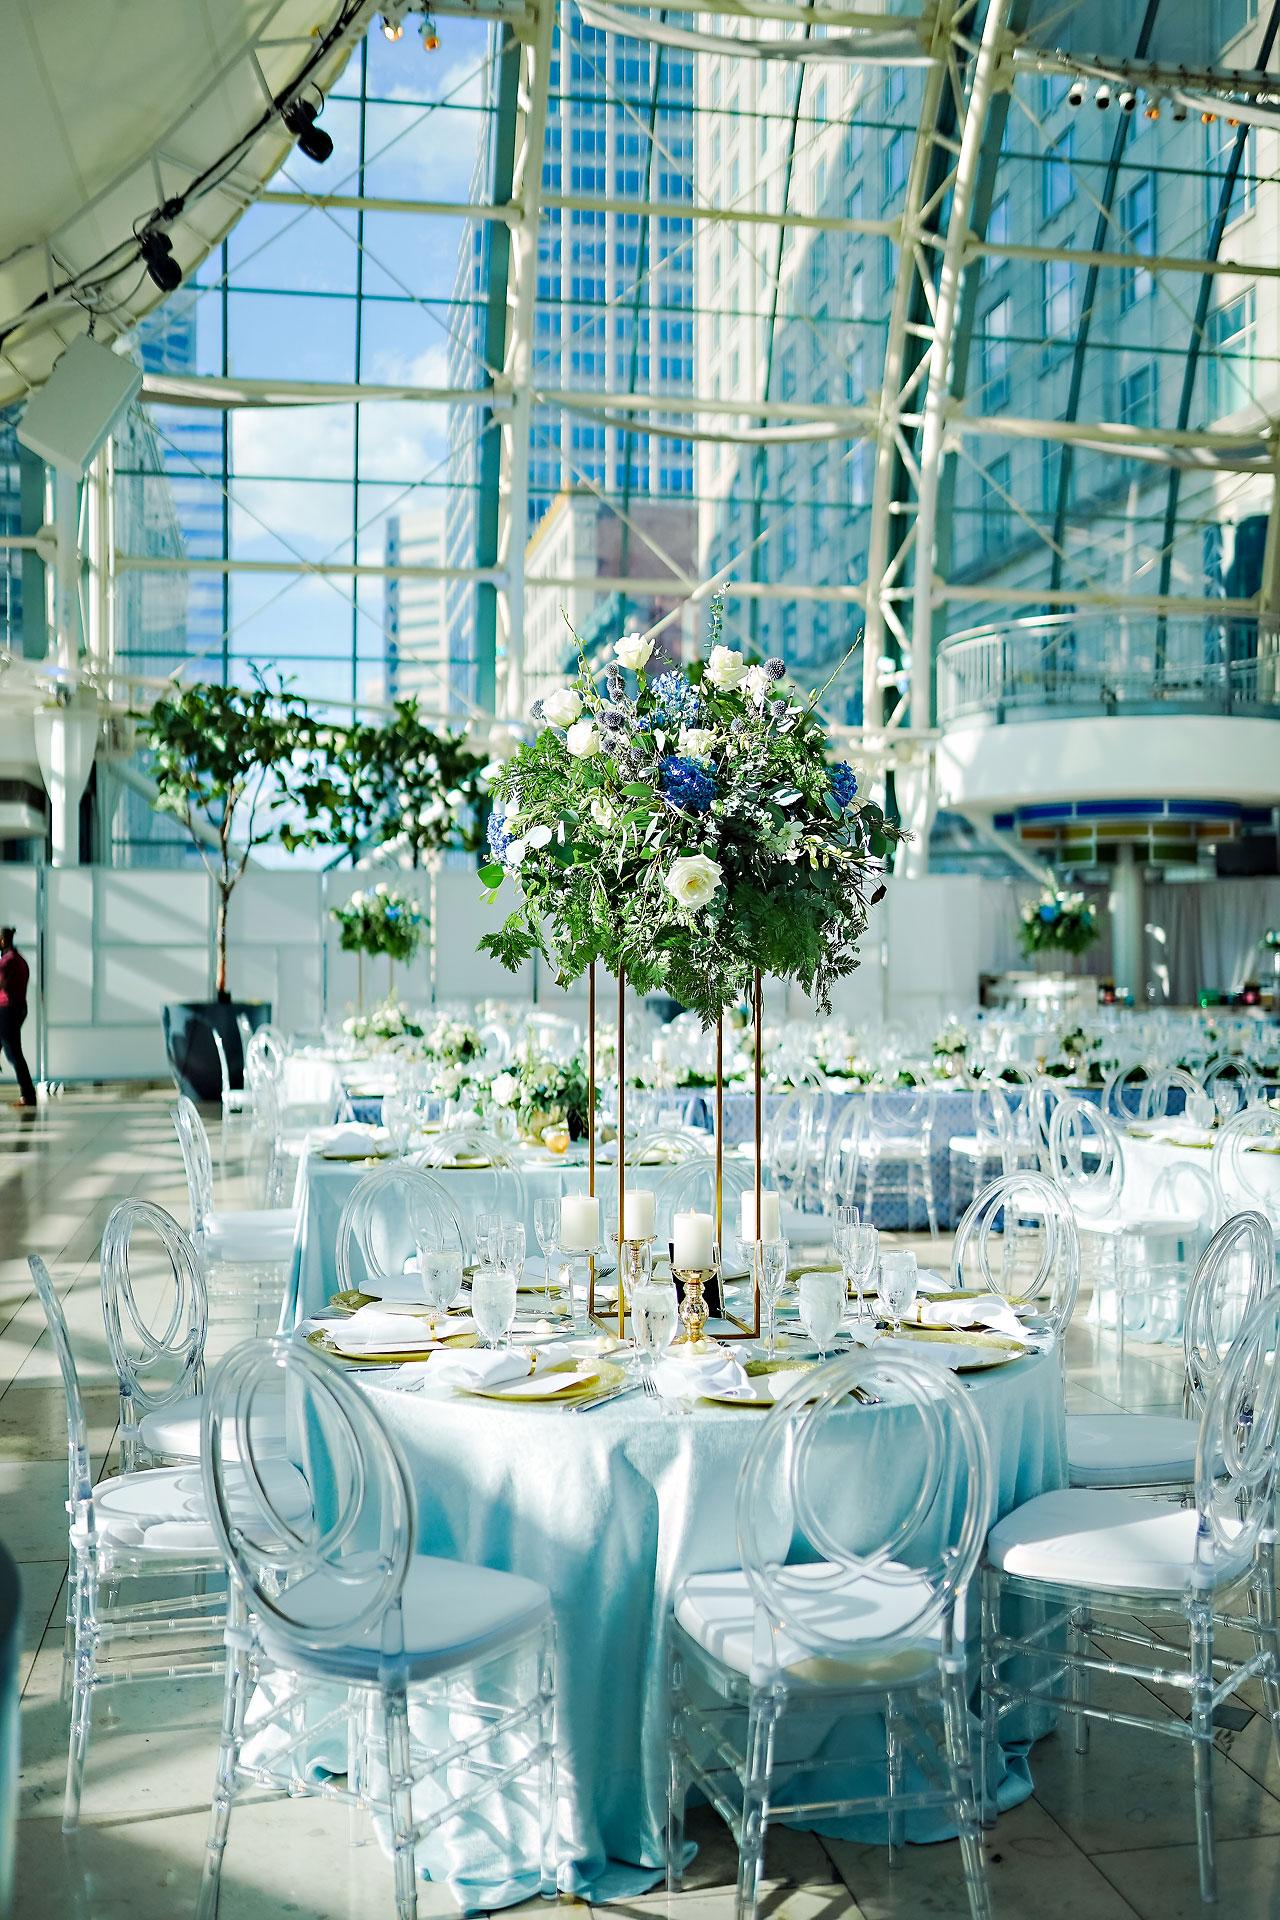 Liz Zach Conrad Artsgarden Indianapolis Wedding 227